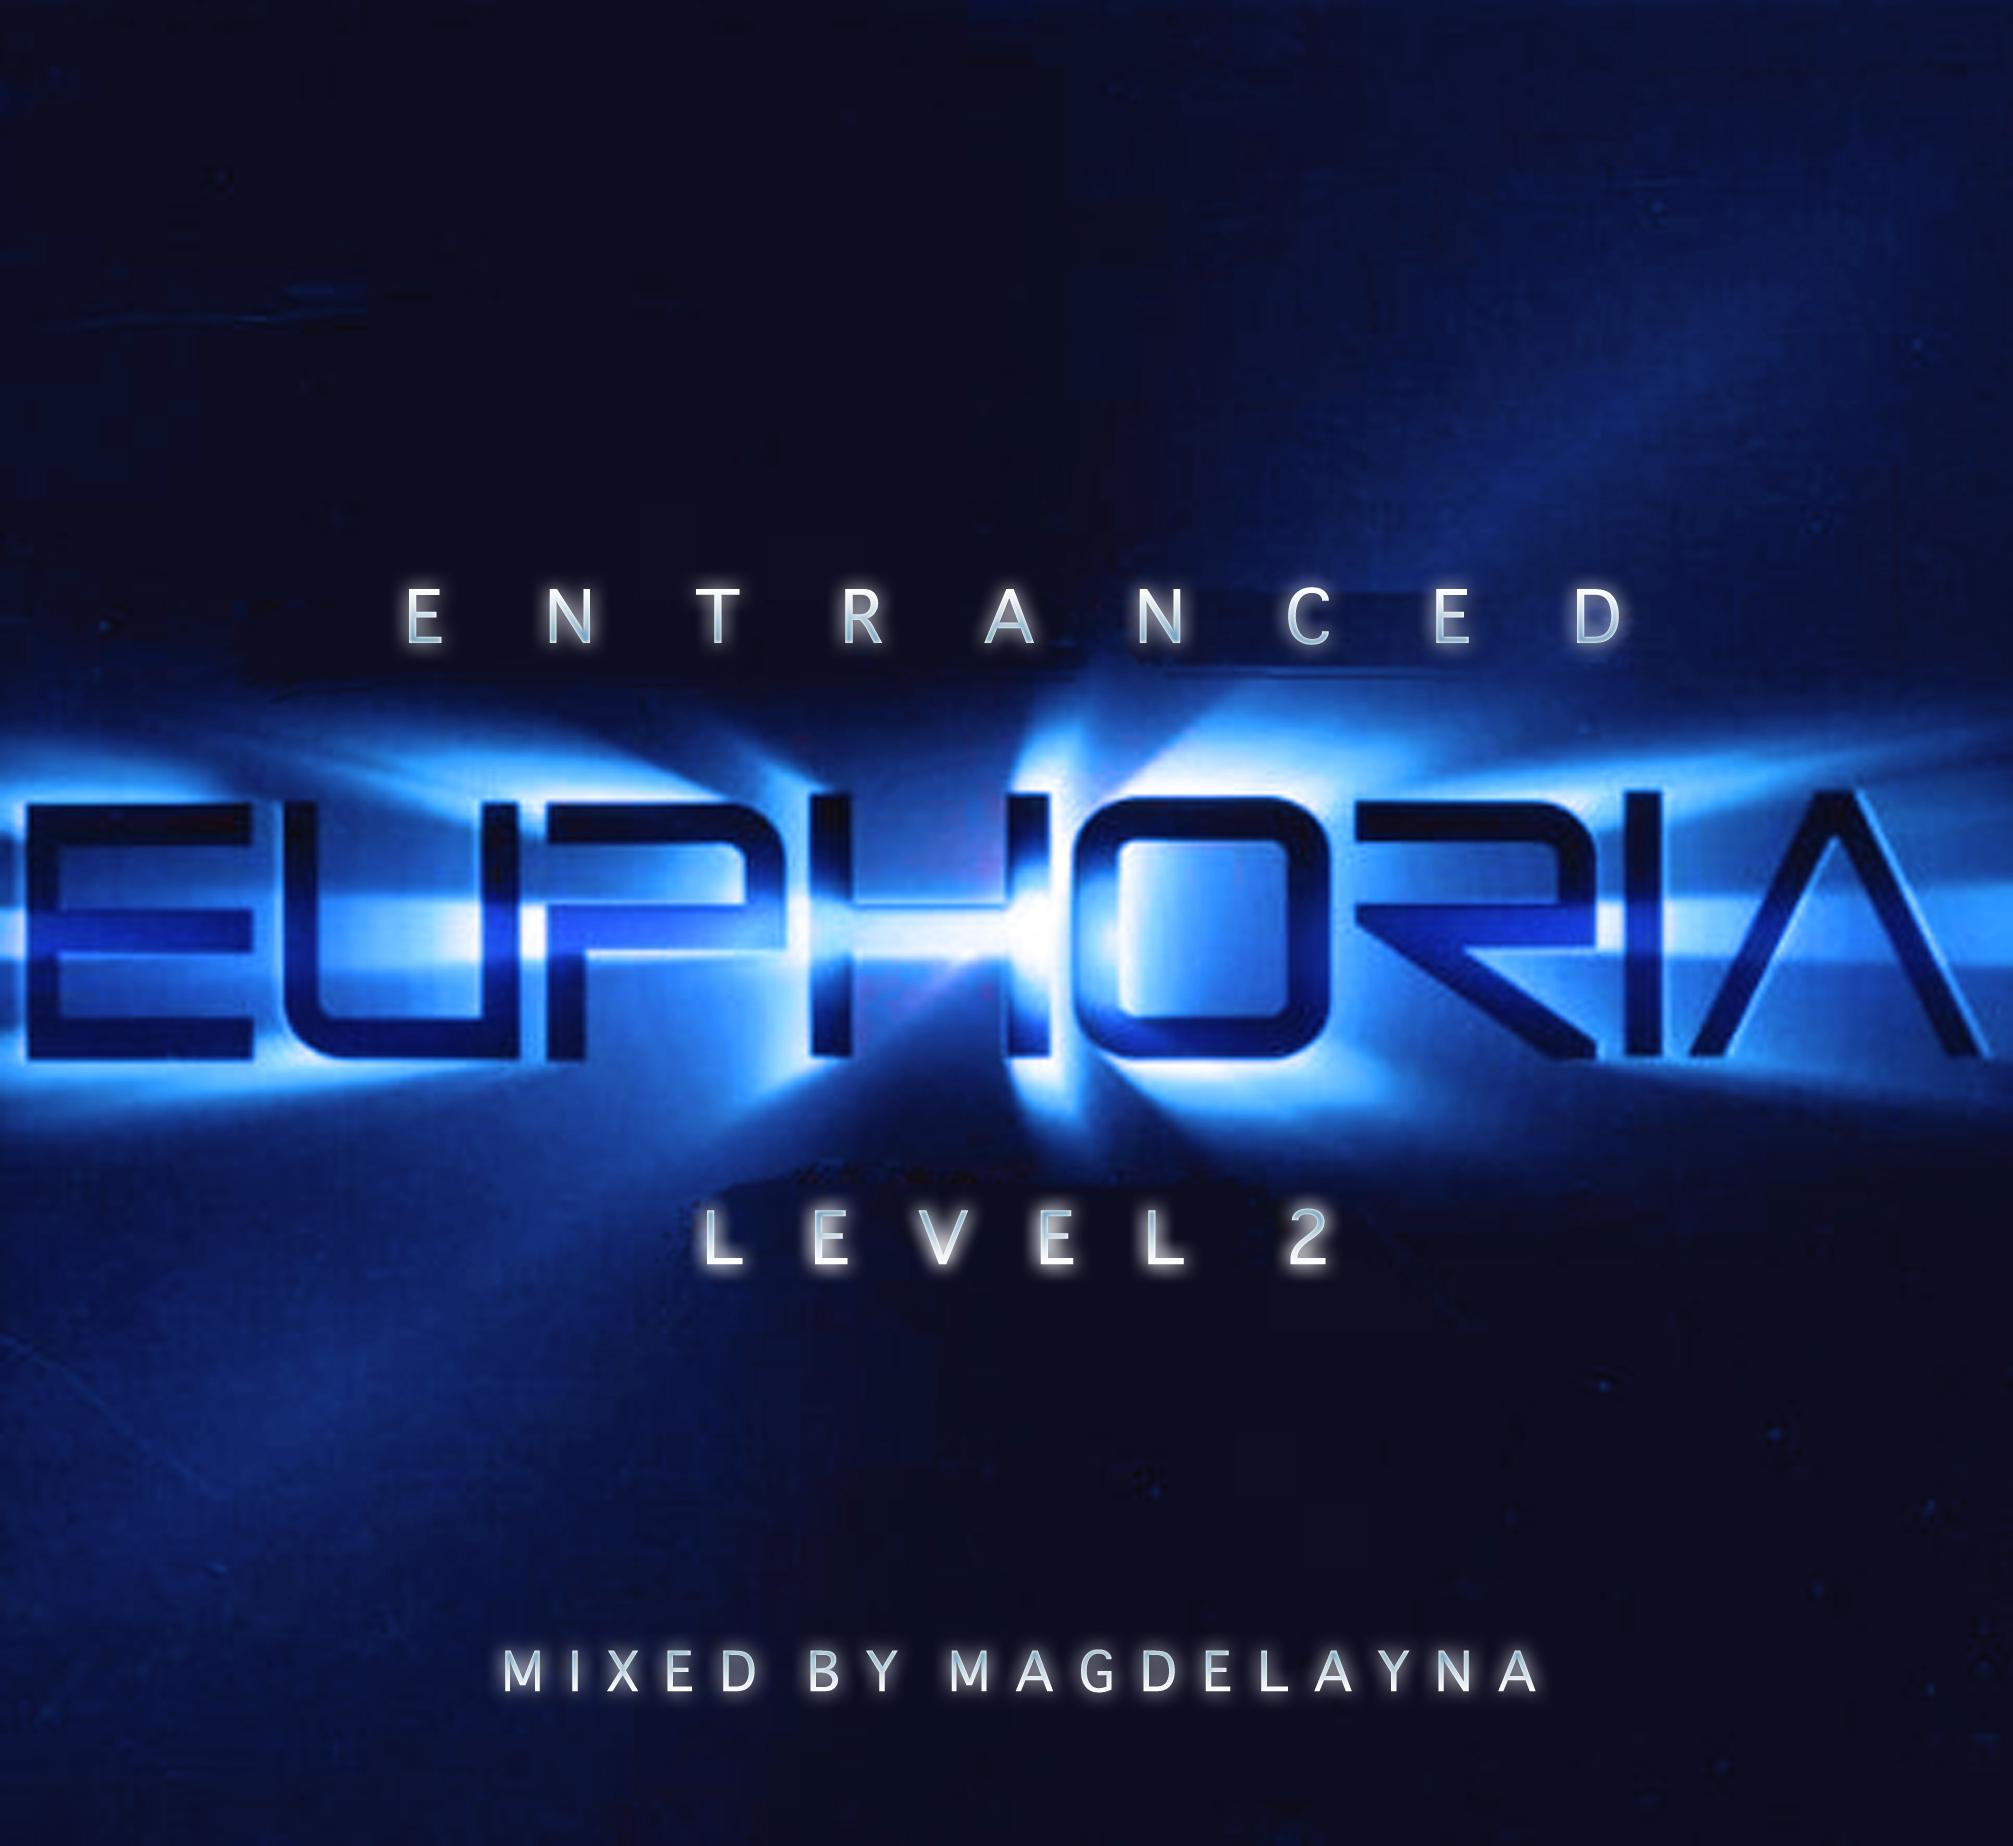 entranced_euphoria_2.jpg